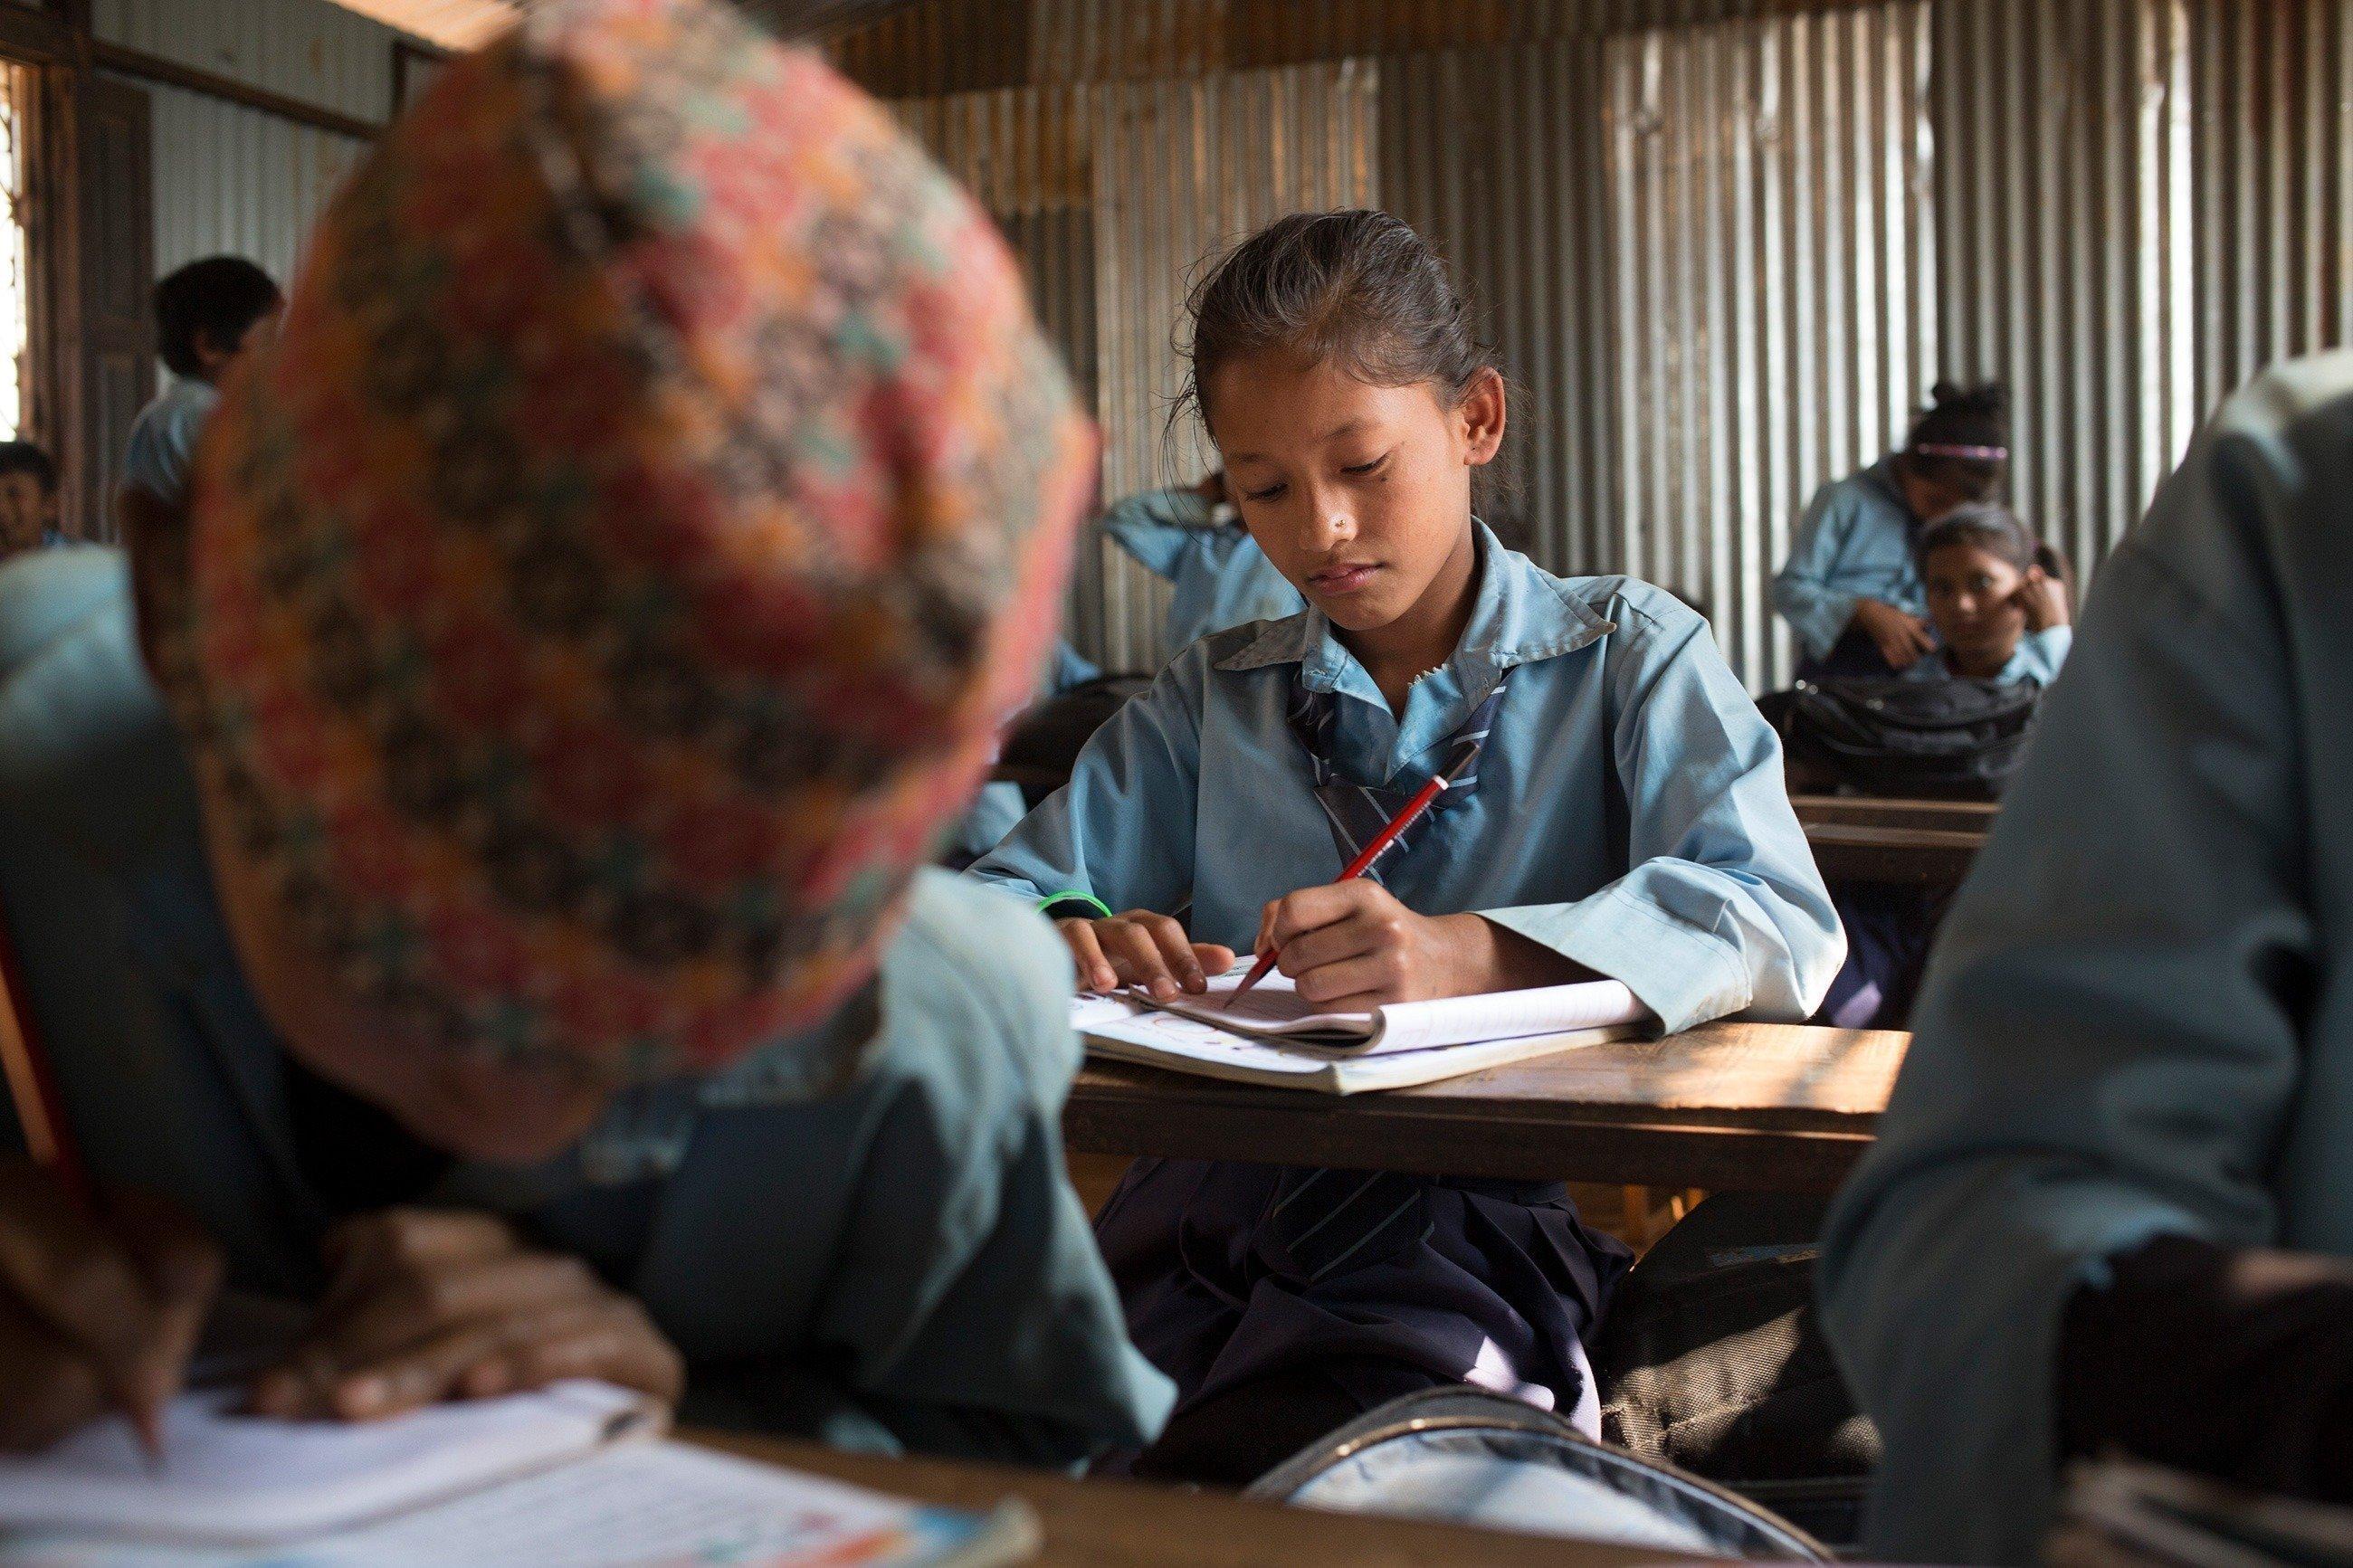 Bambina scrive a scuola.